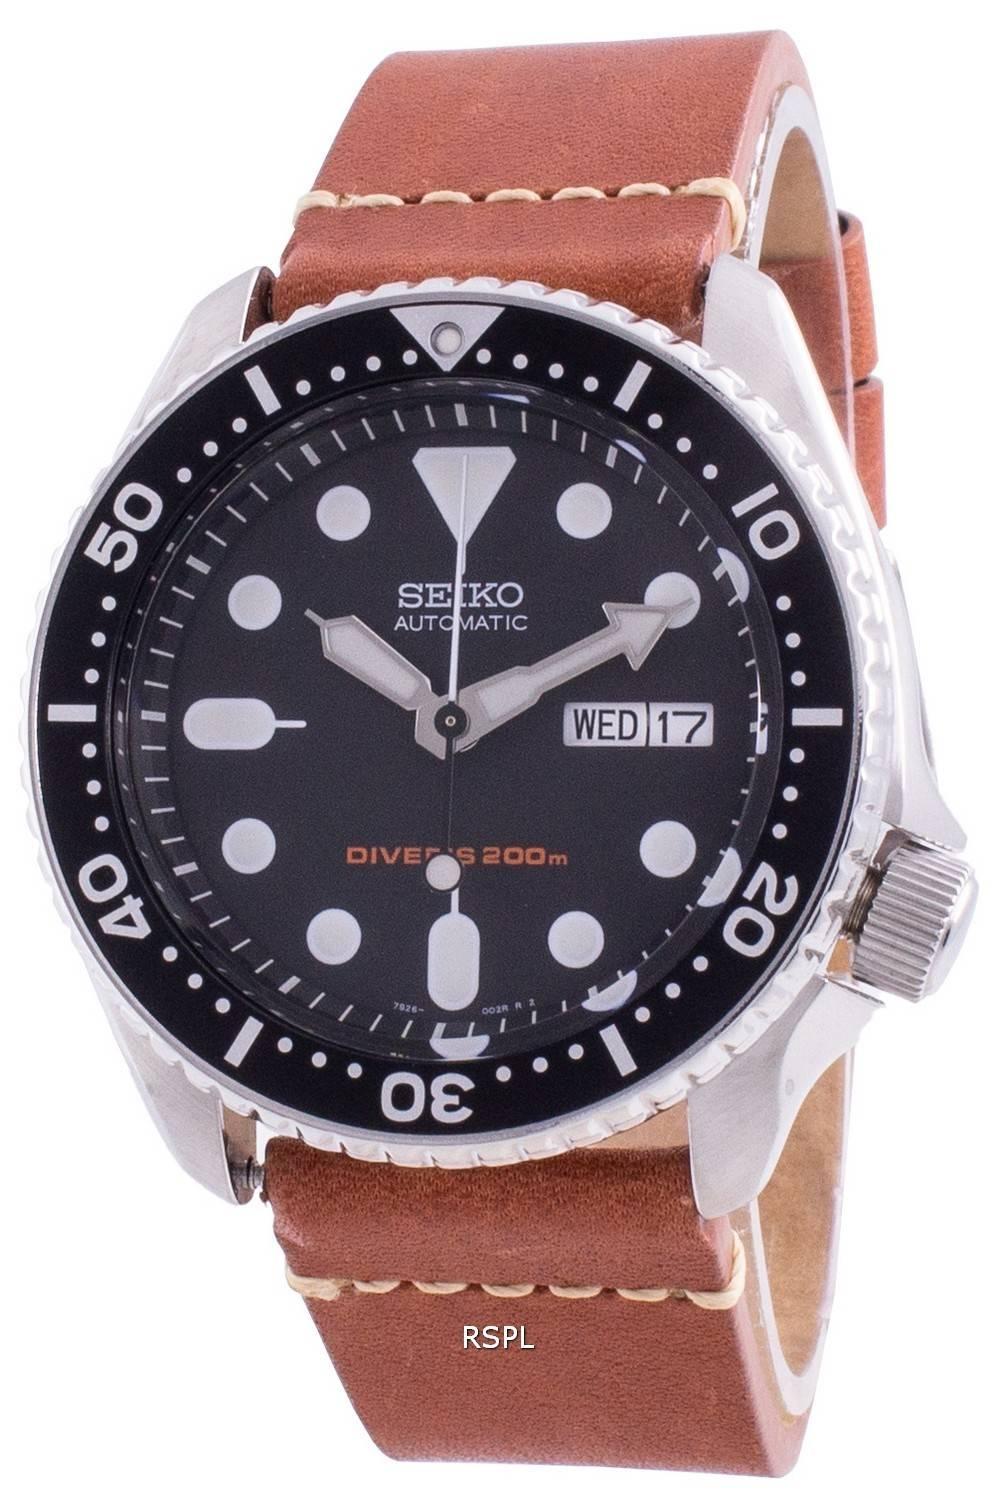 Seiko Discover More Automatic Diver&#39,s SKX007K1-var-LS21 200M miesten kello